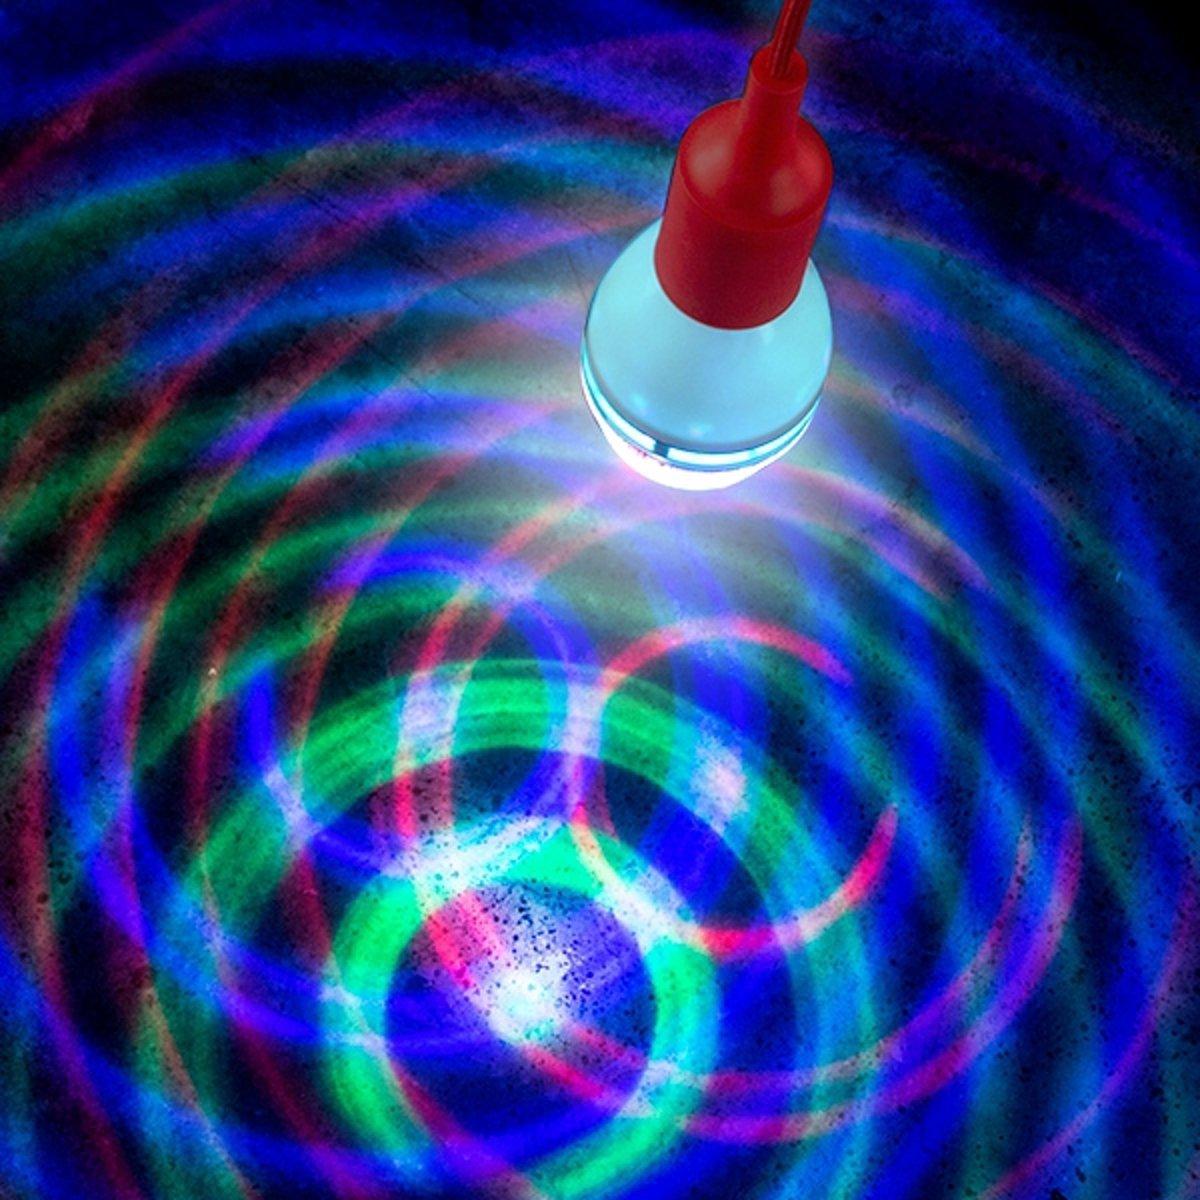 Ronddraaiende LED-Lamp - met diverse kleuren kopen